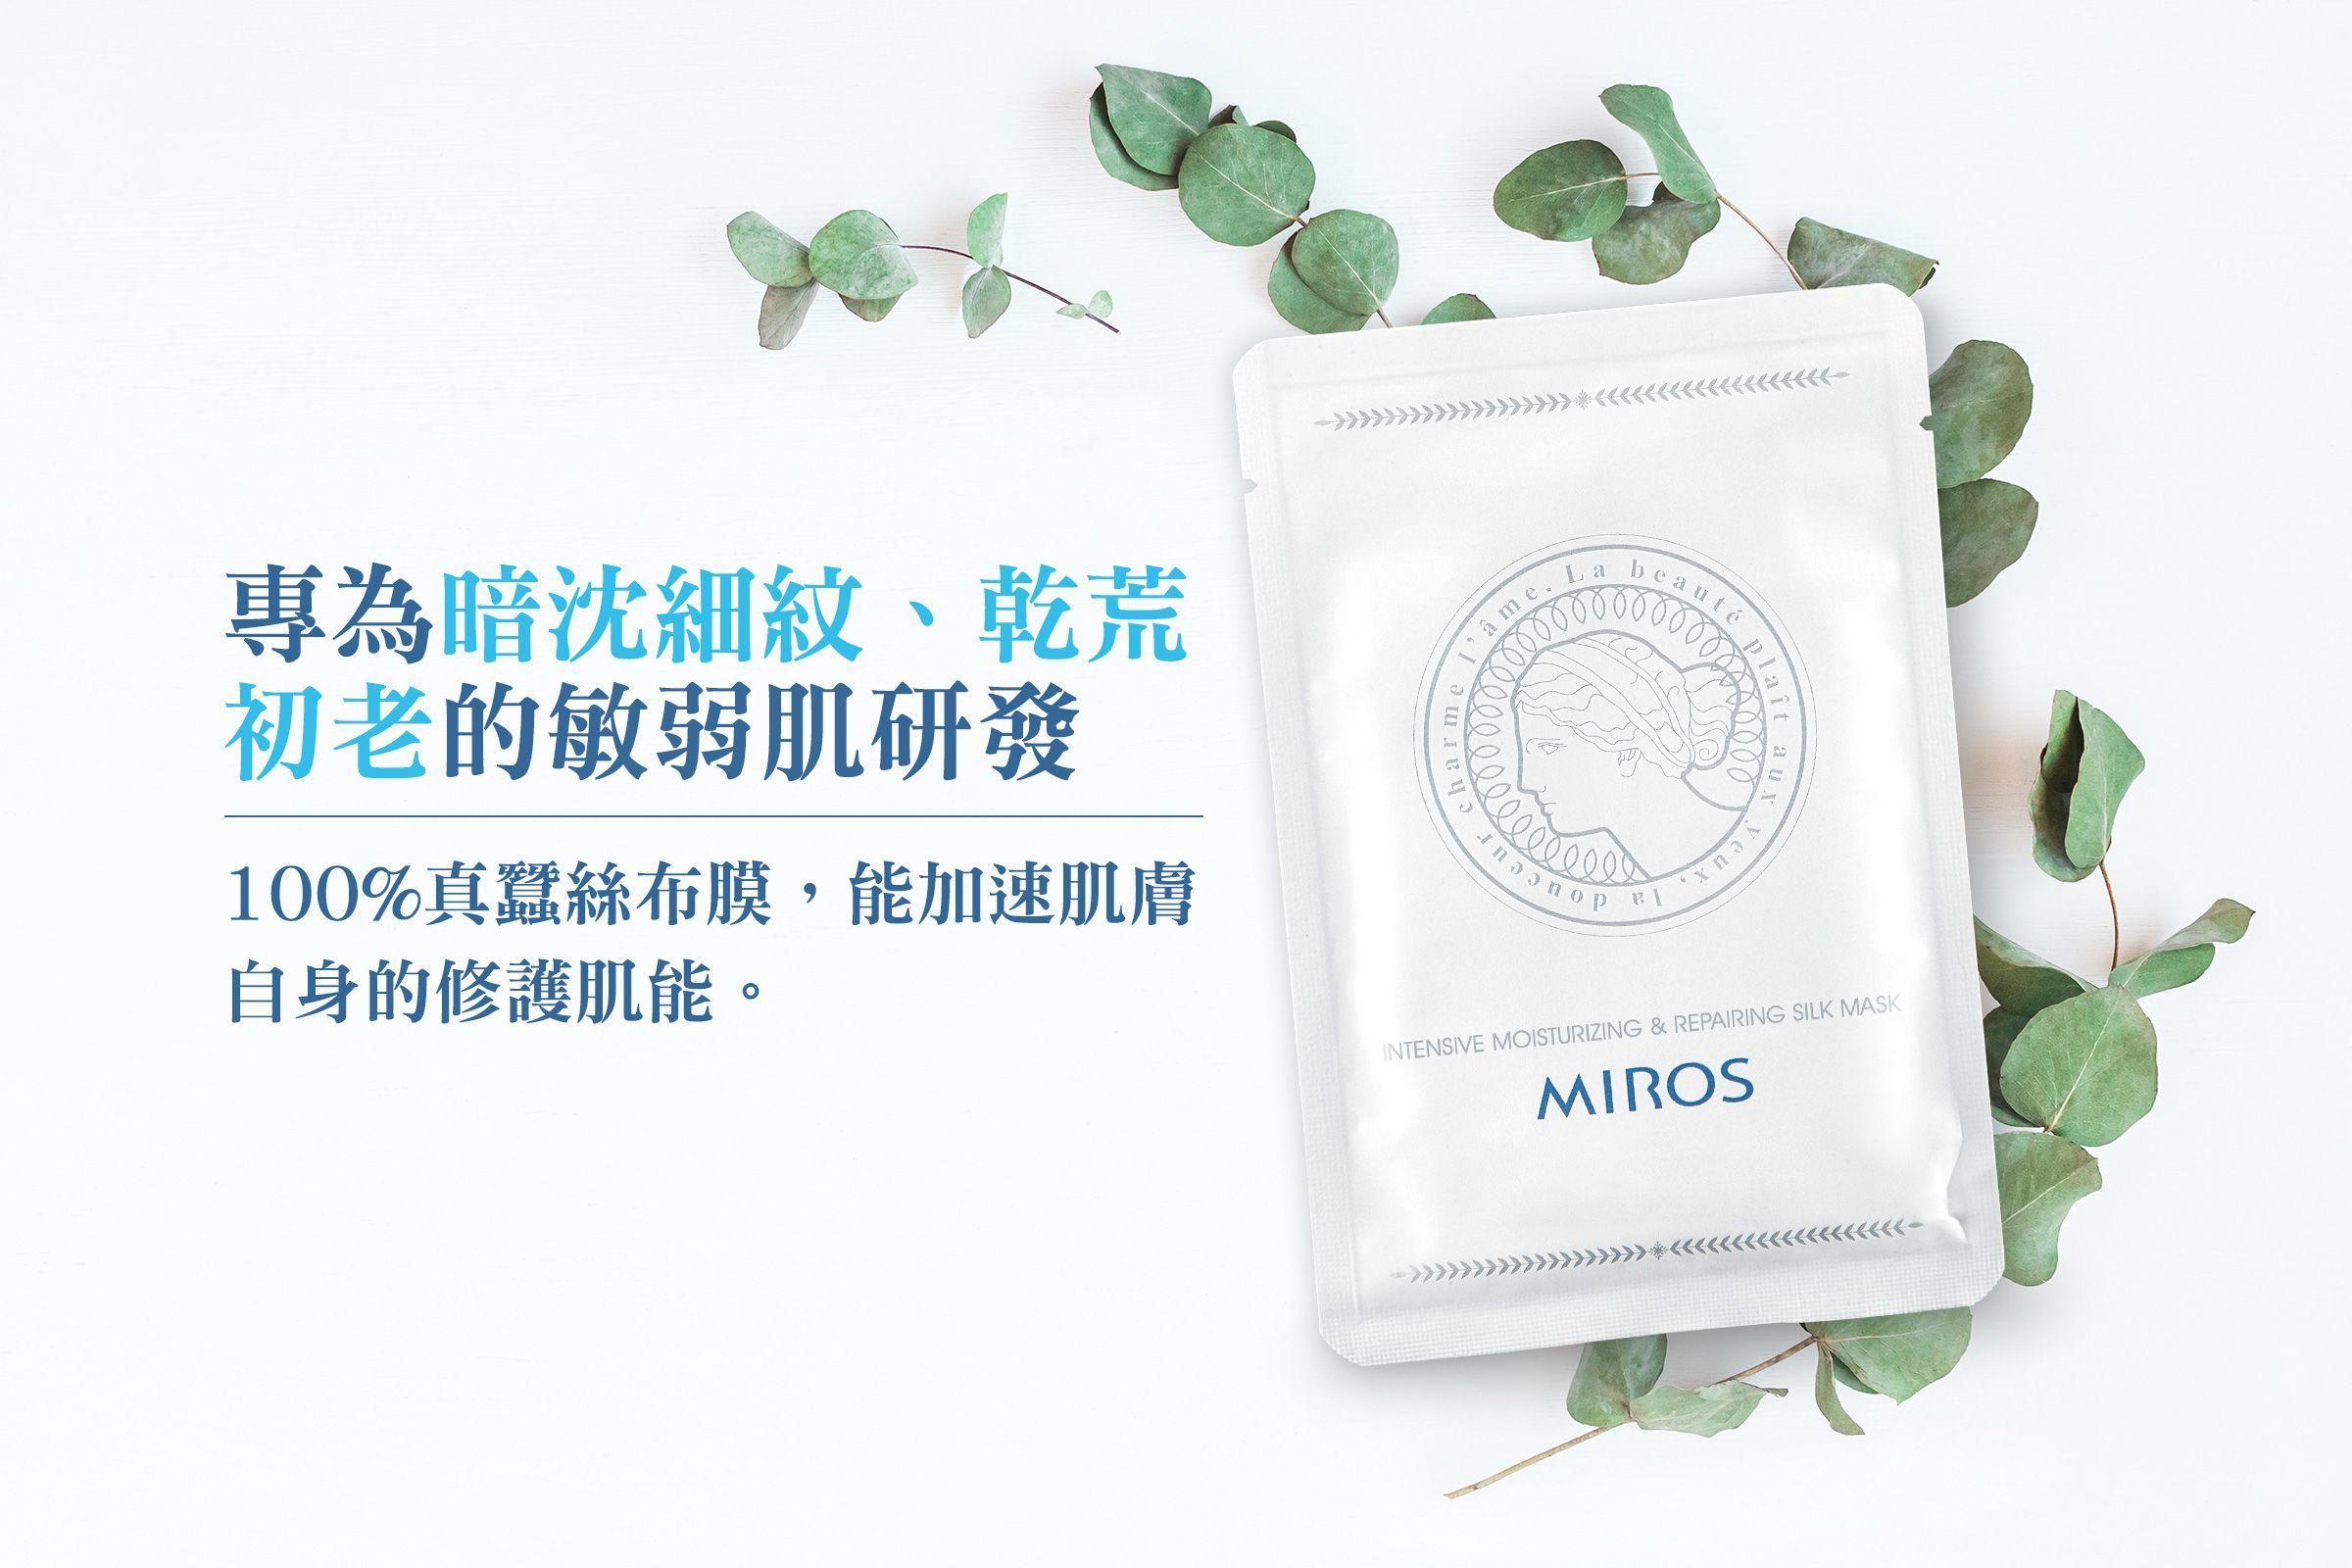 ❮即期品❯高保濕婙白修護蠶絲面膜(3入精裝盒)|2021.02.05到期